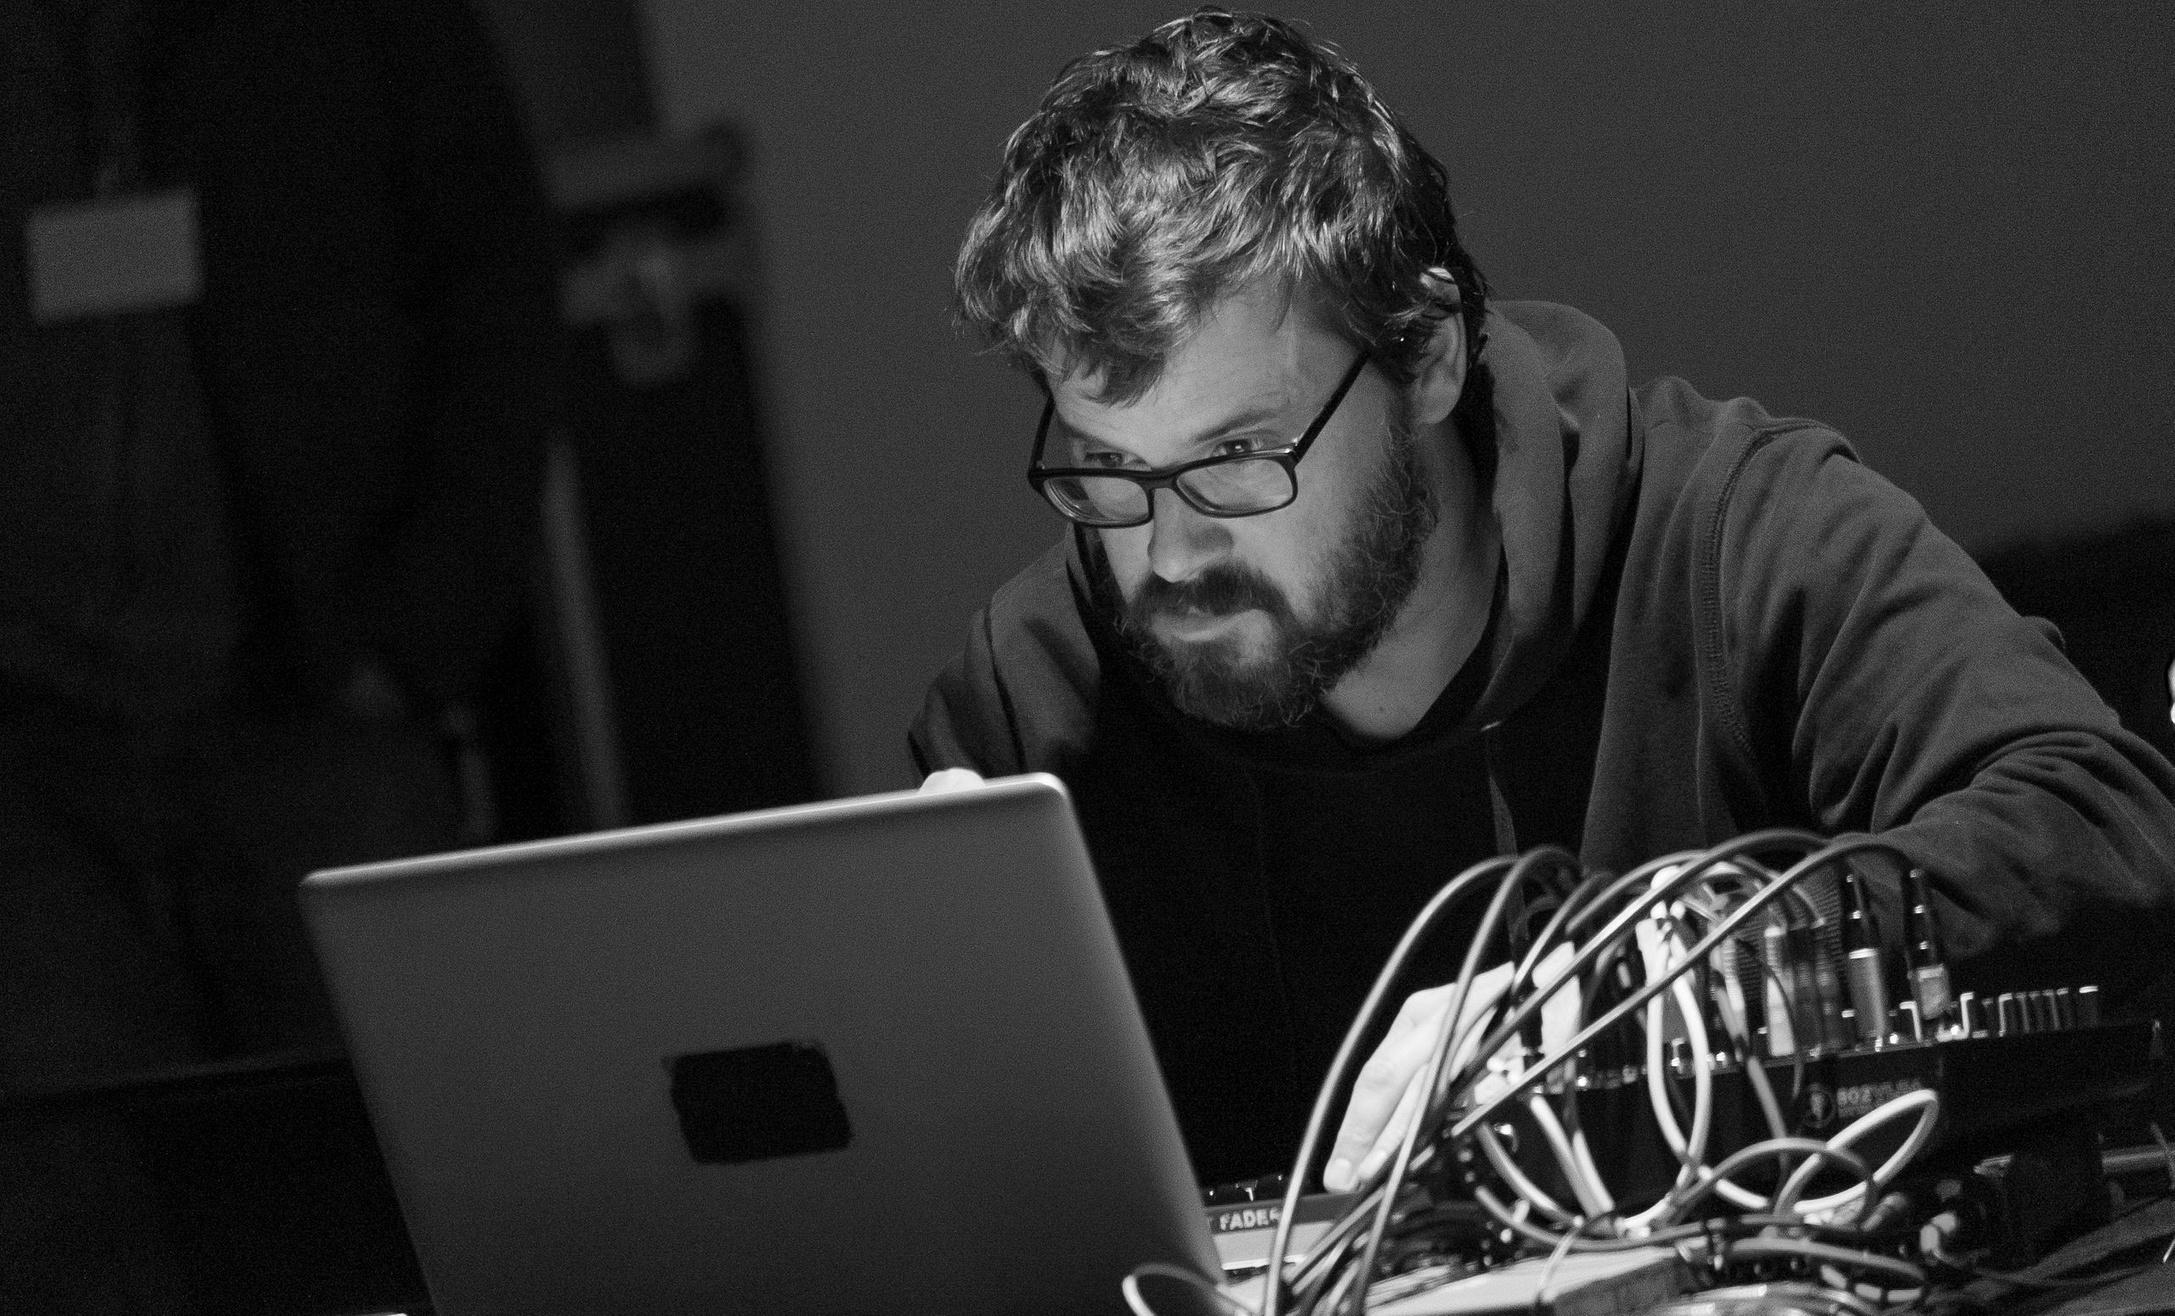 Саунд-художник и электронный музыкант Гауденц Бадрутт выступает на VII фестивале экспериментальной музыки Sound Around в Калининграде в 2017 году. Фото: Артем Килькин / Предоставлено Про Гельвецией